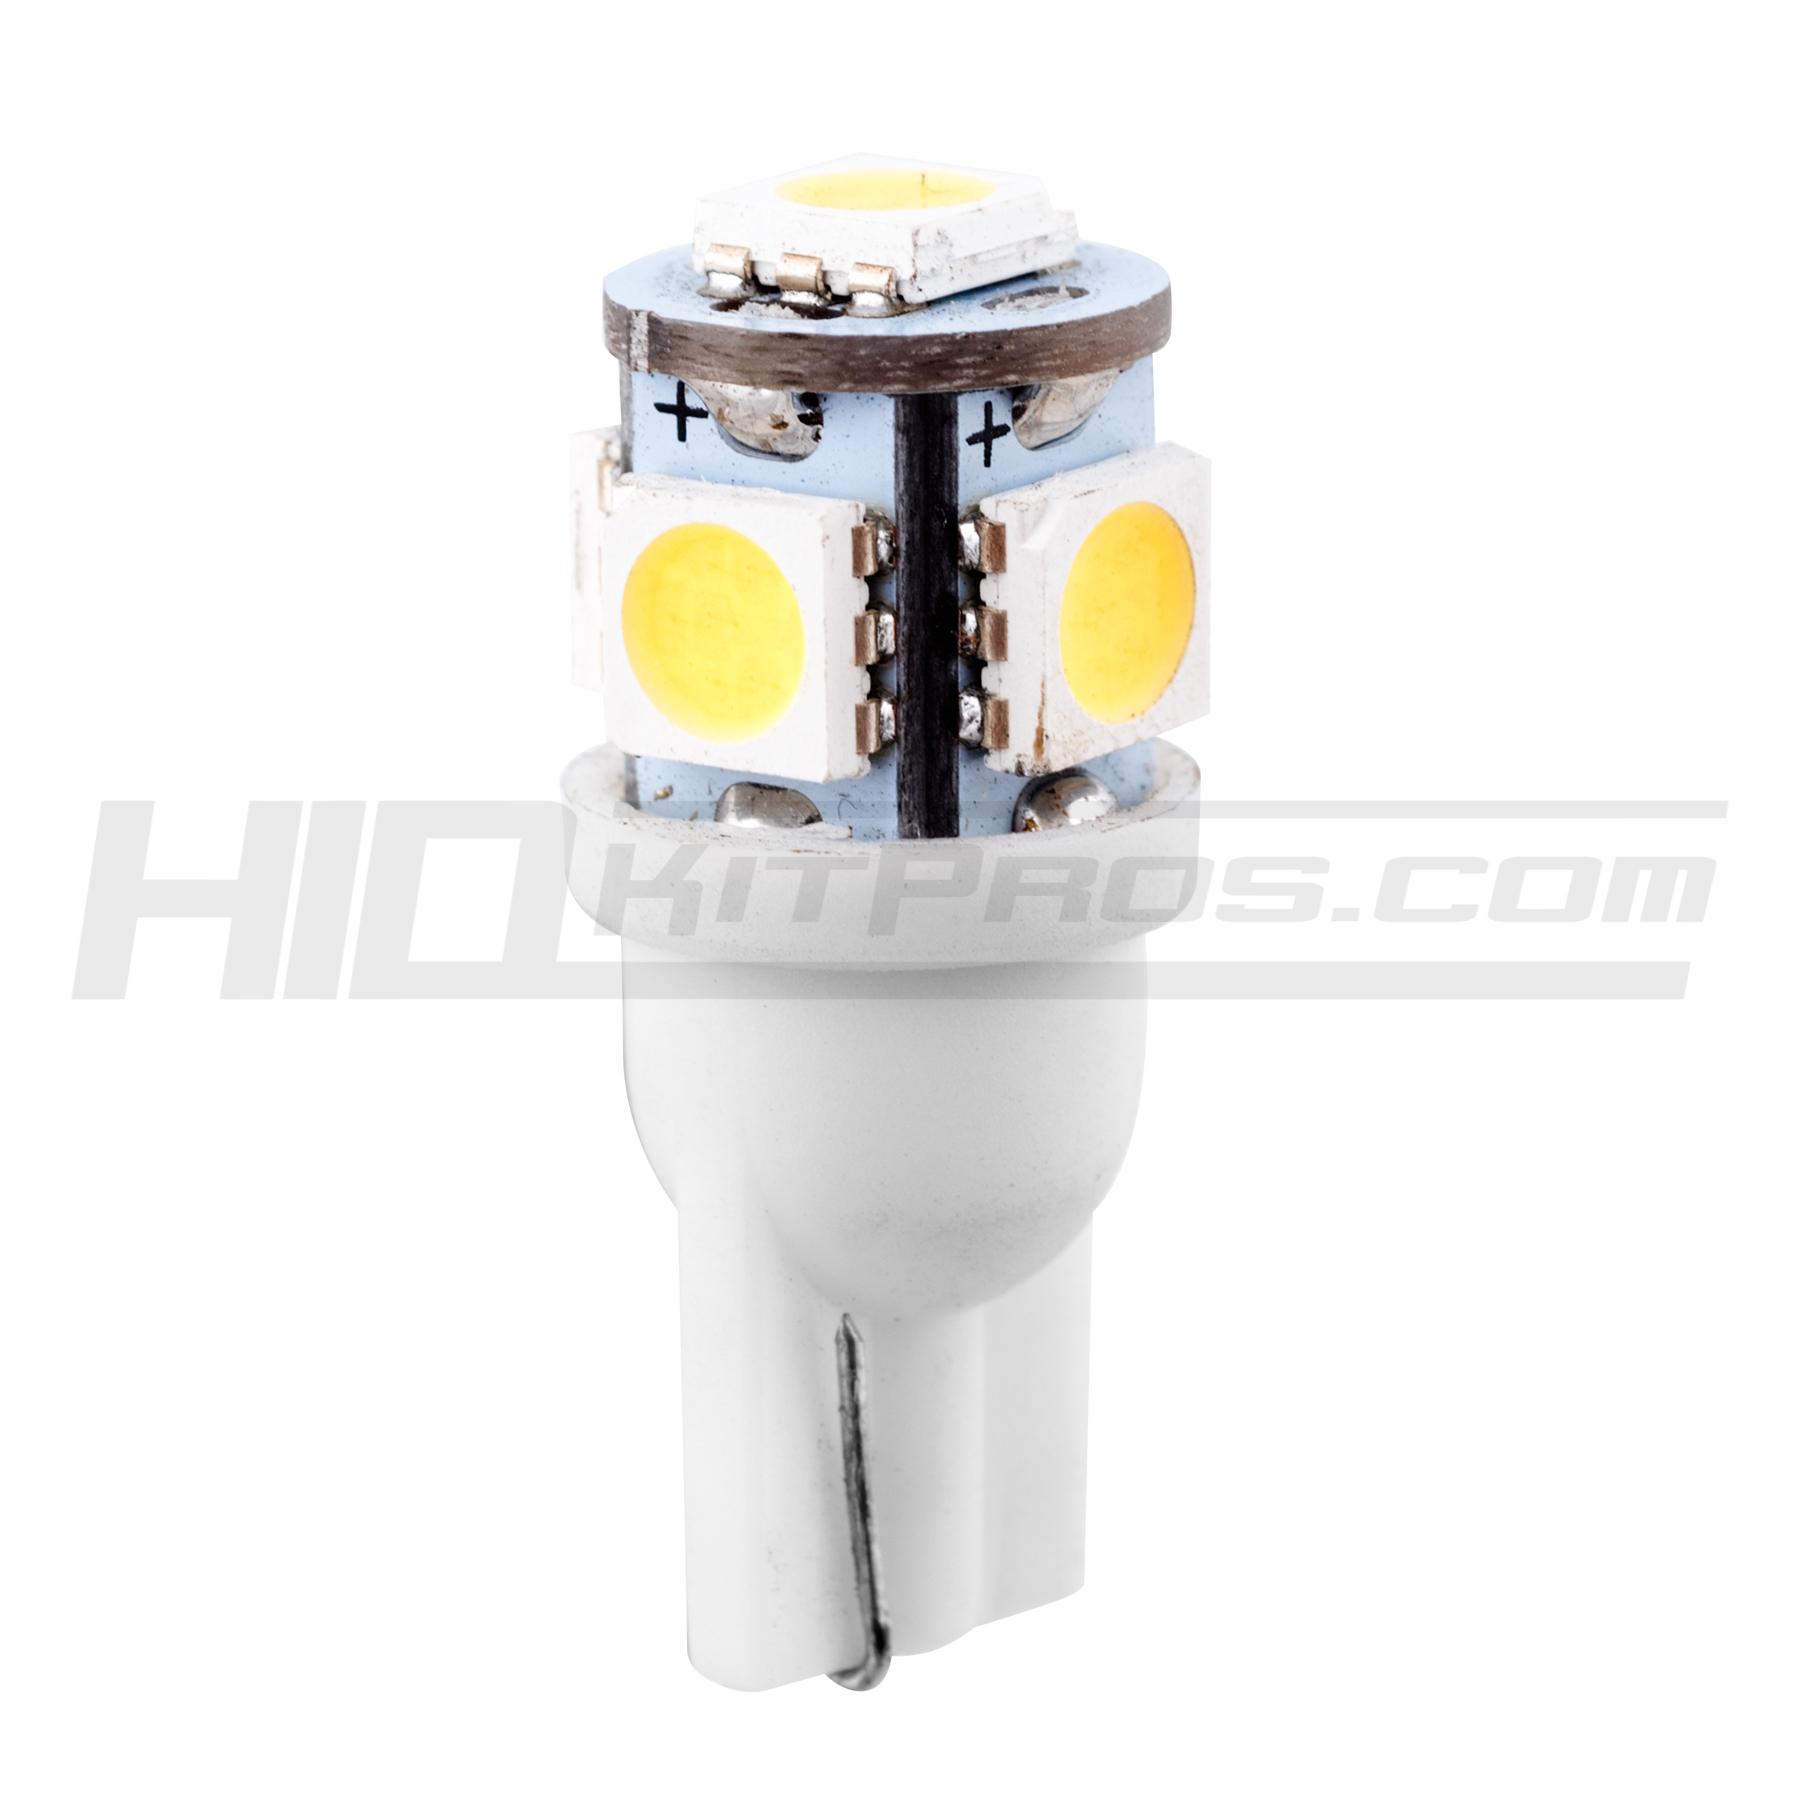 Wedge Light Bulbs 2 bulb LED Chips white 5-SMD SMT 5050 T10